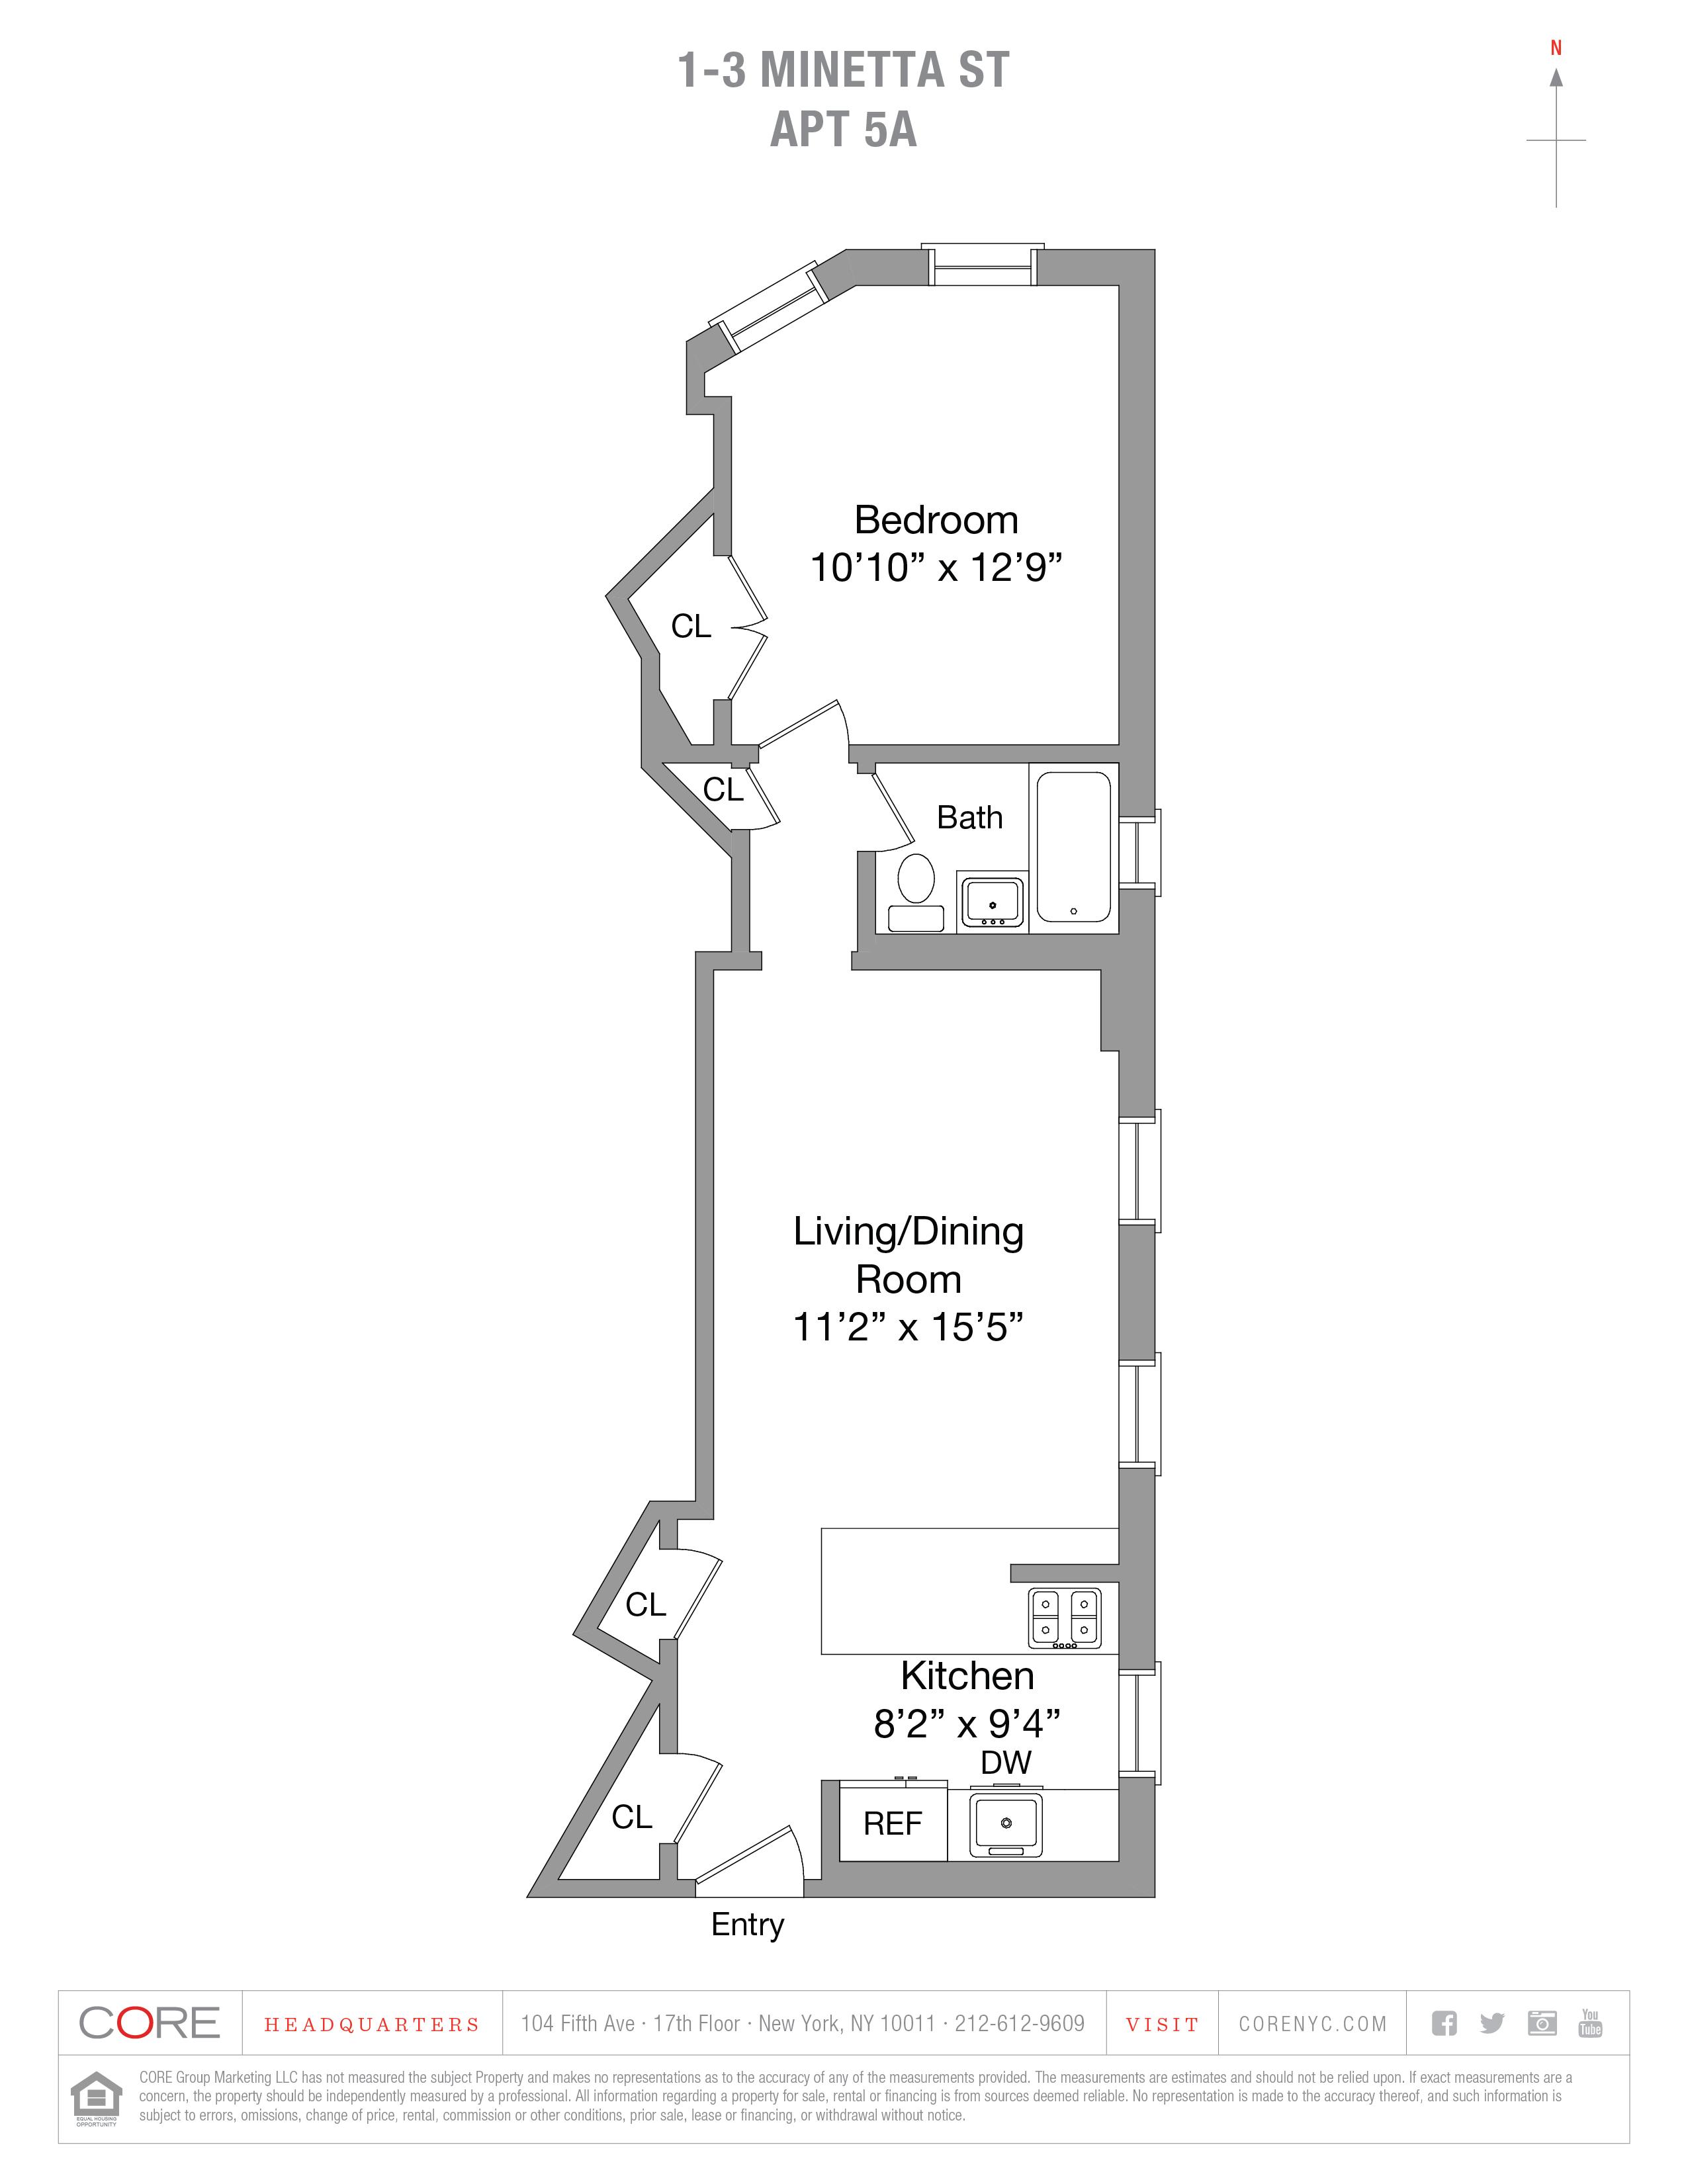 1-3 Minetta St. 5A, New York, NY 10012